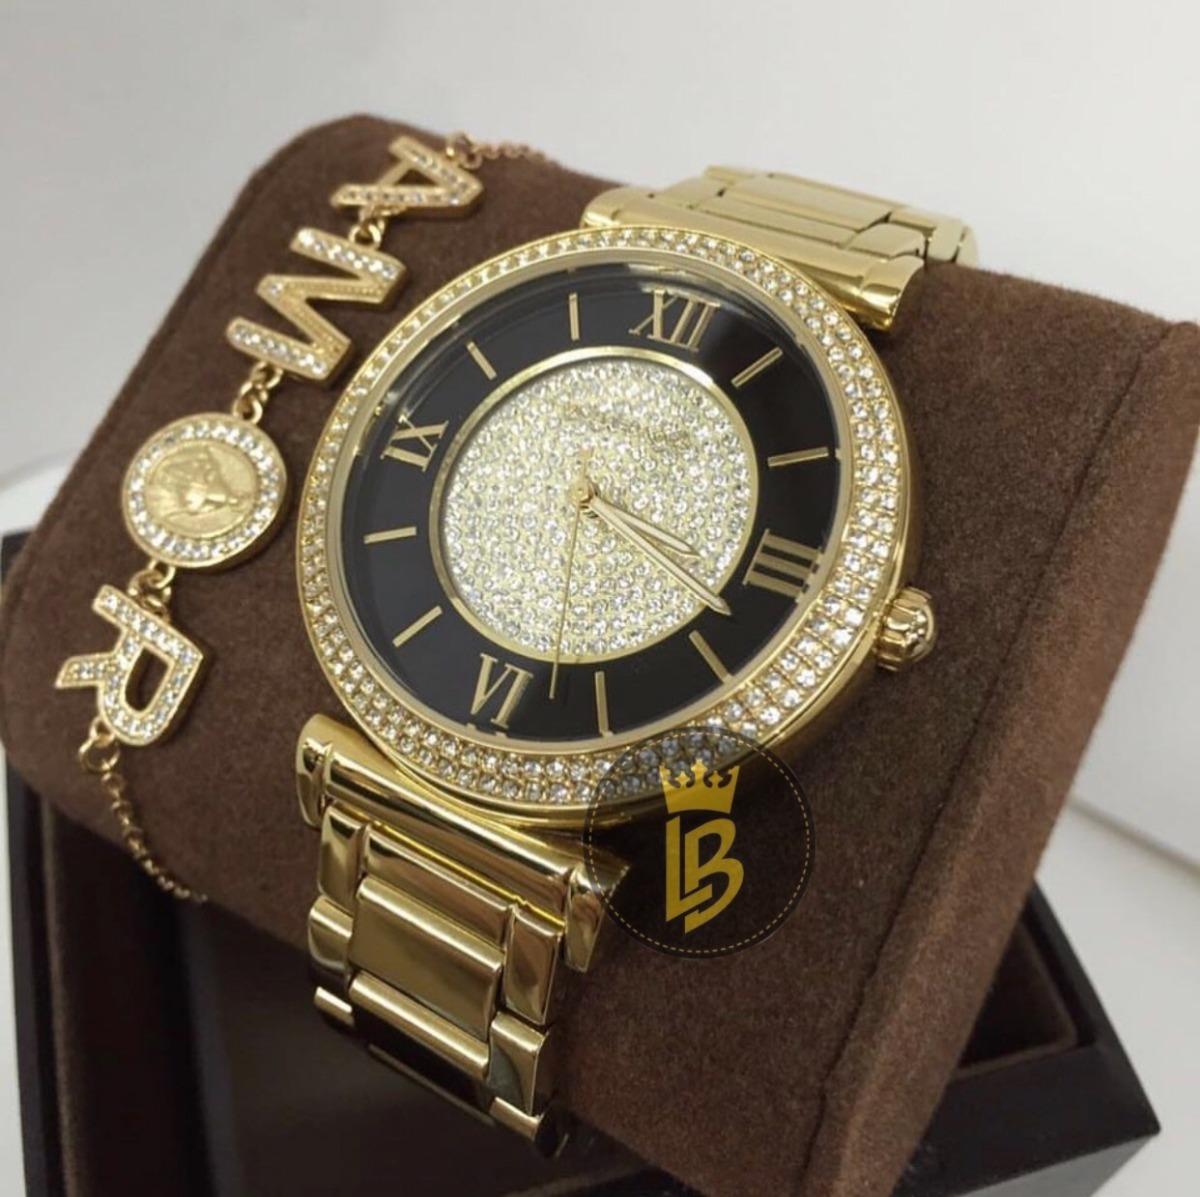 68b975836 relógio michael kors mk3338 promoção ultima peças - original. Carregando  zoom.